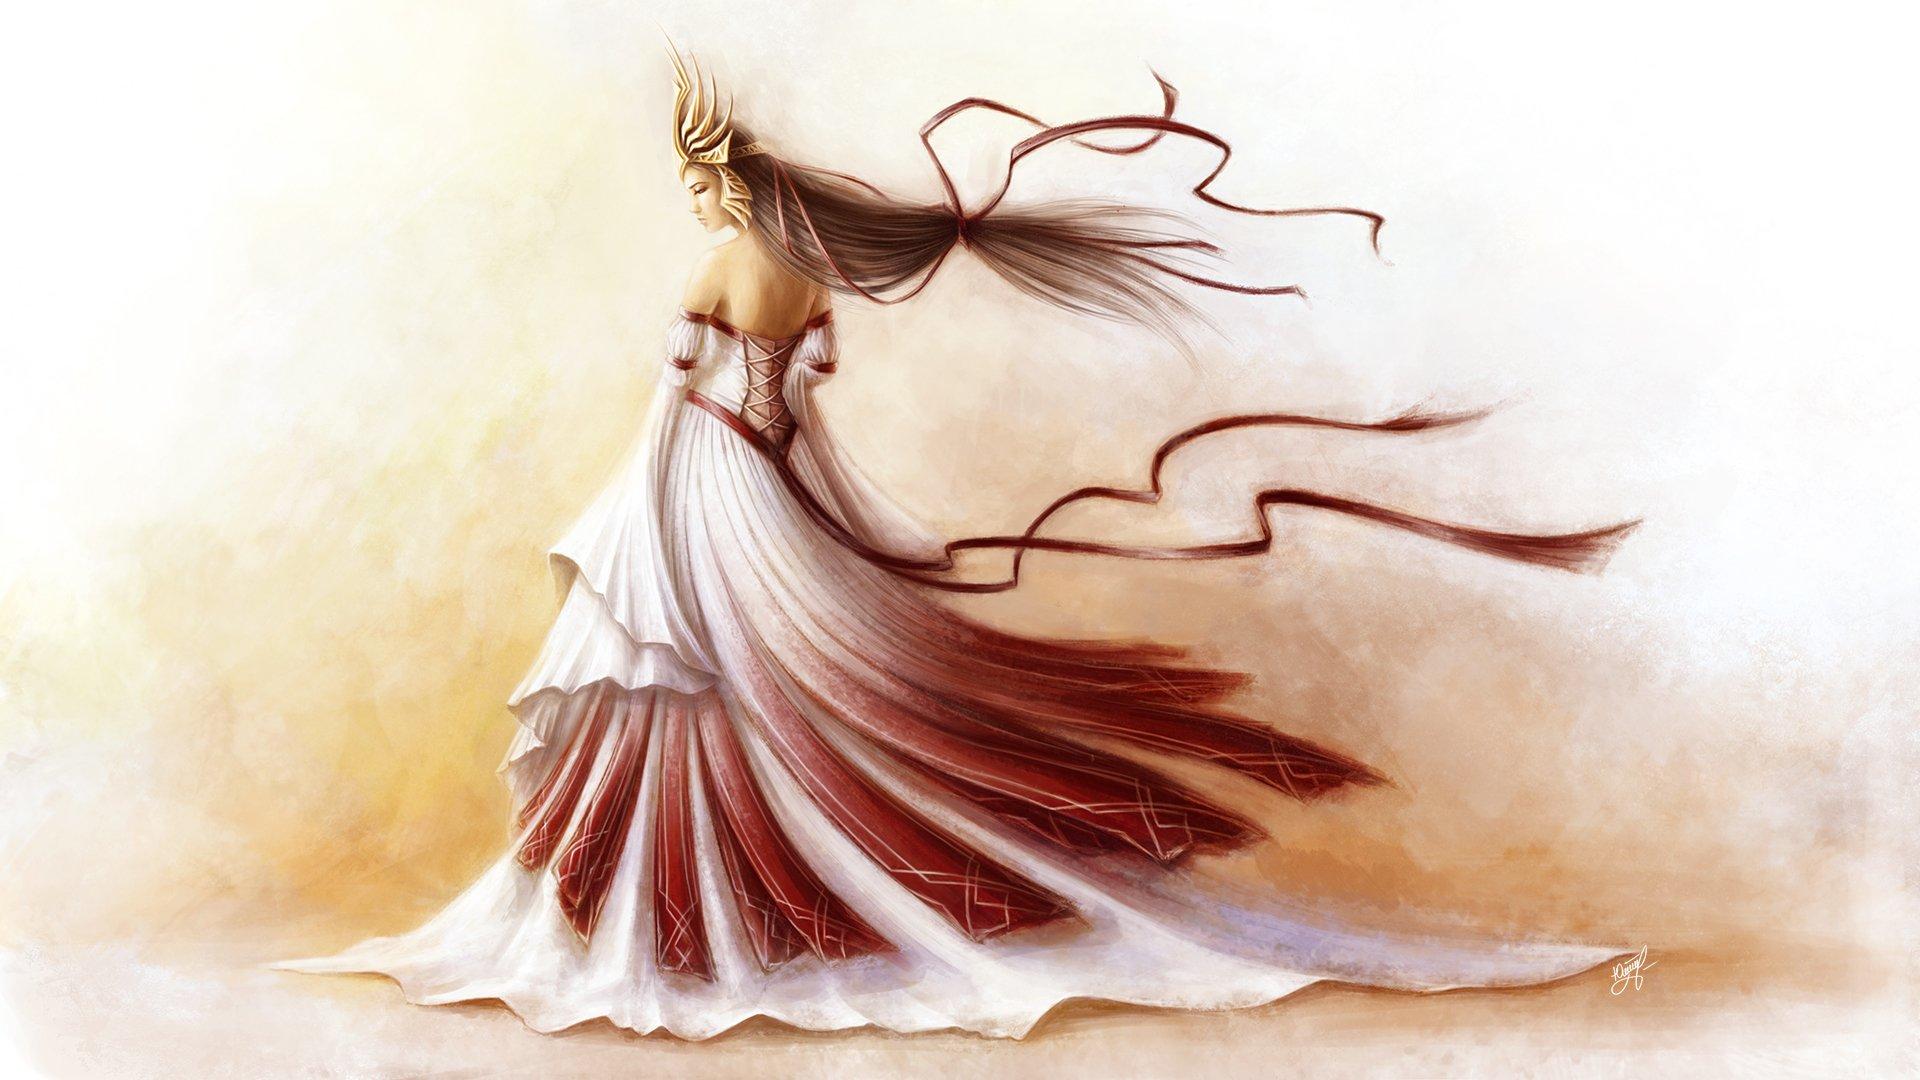 Платье на ветру рисунок